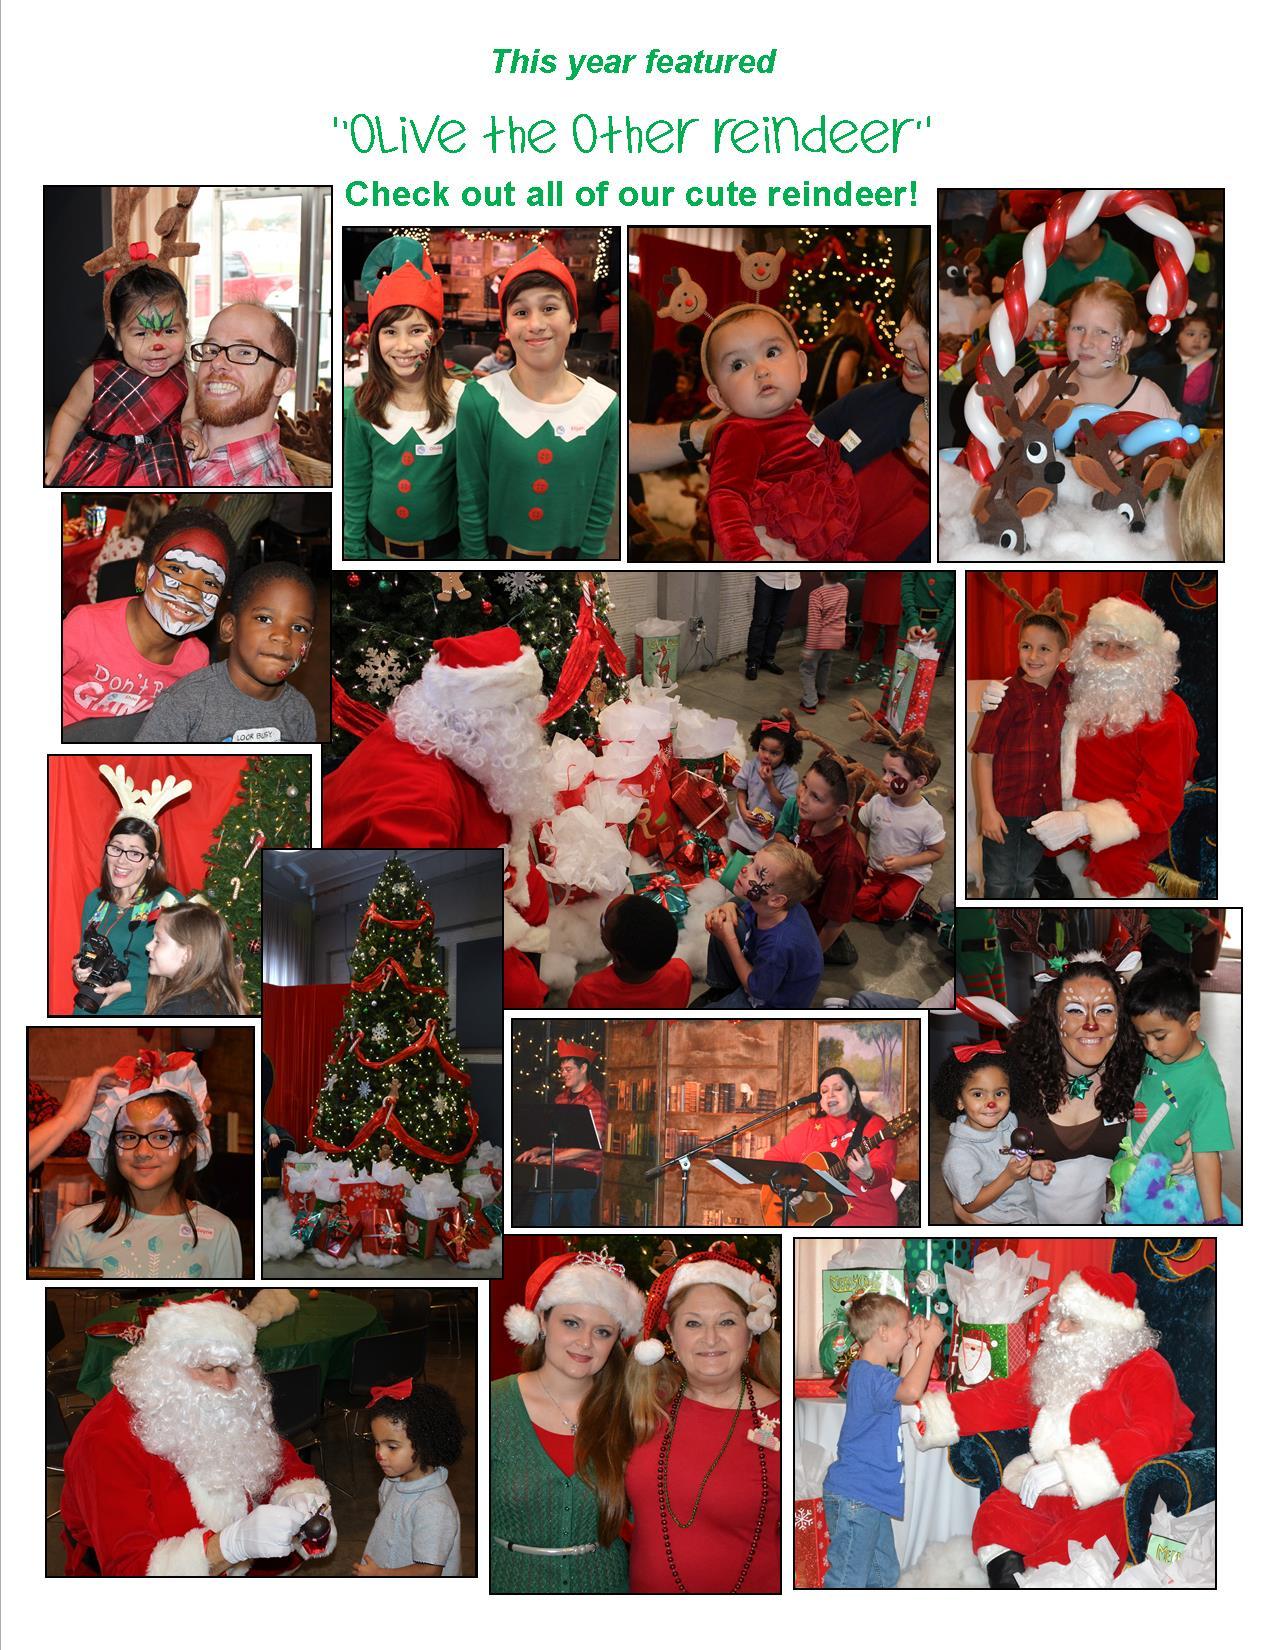 2014 Christmas thank you page - back